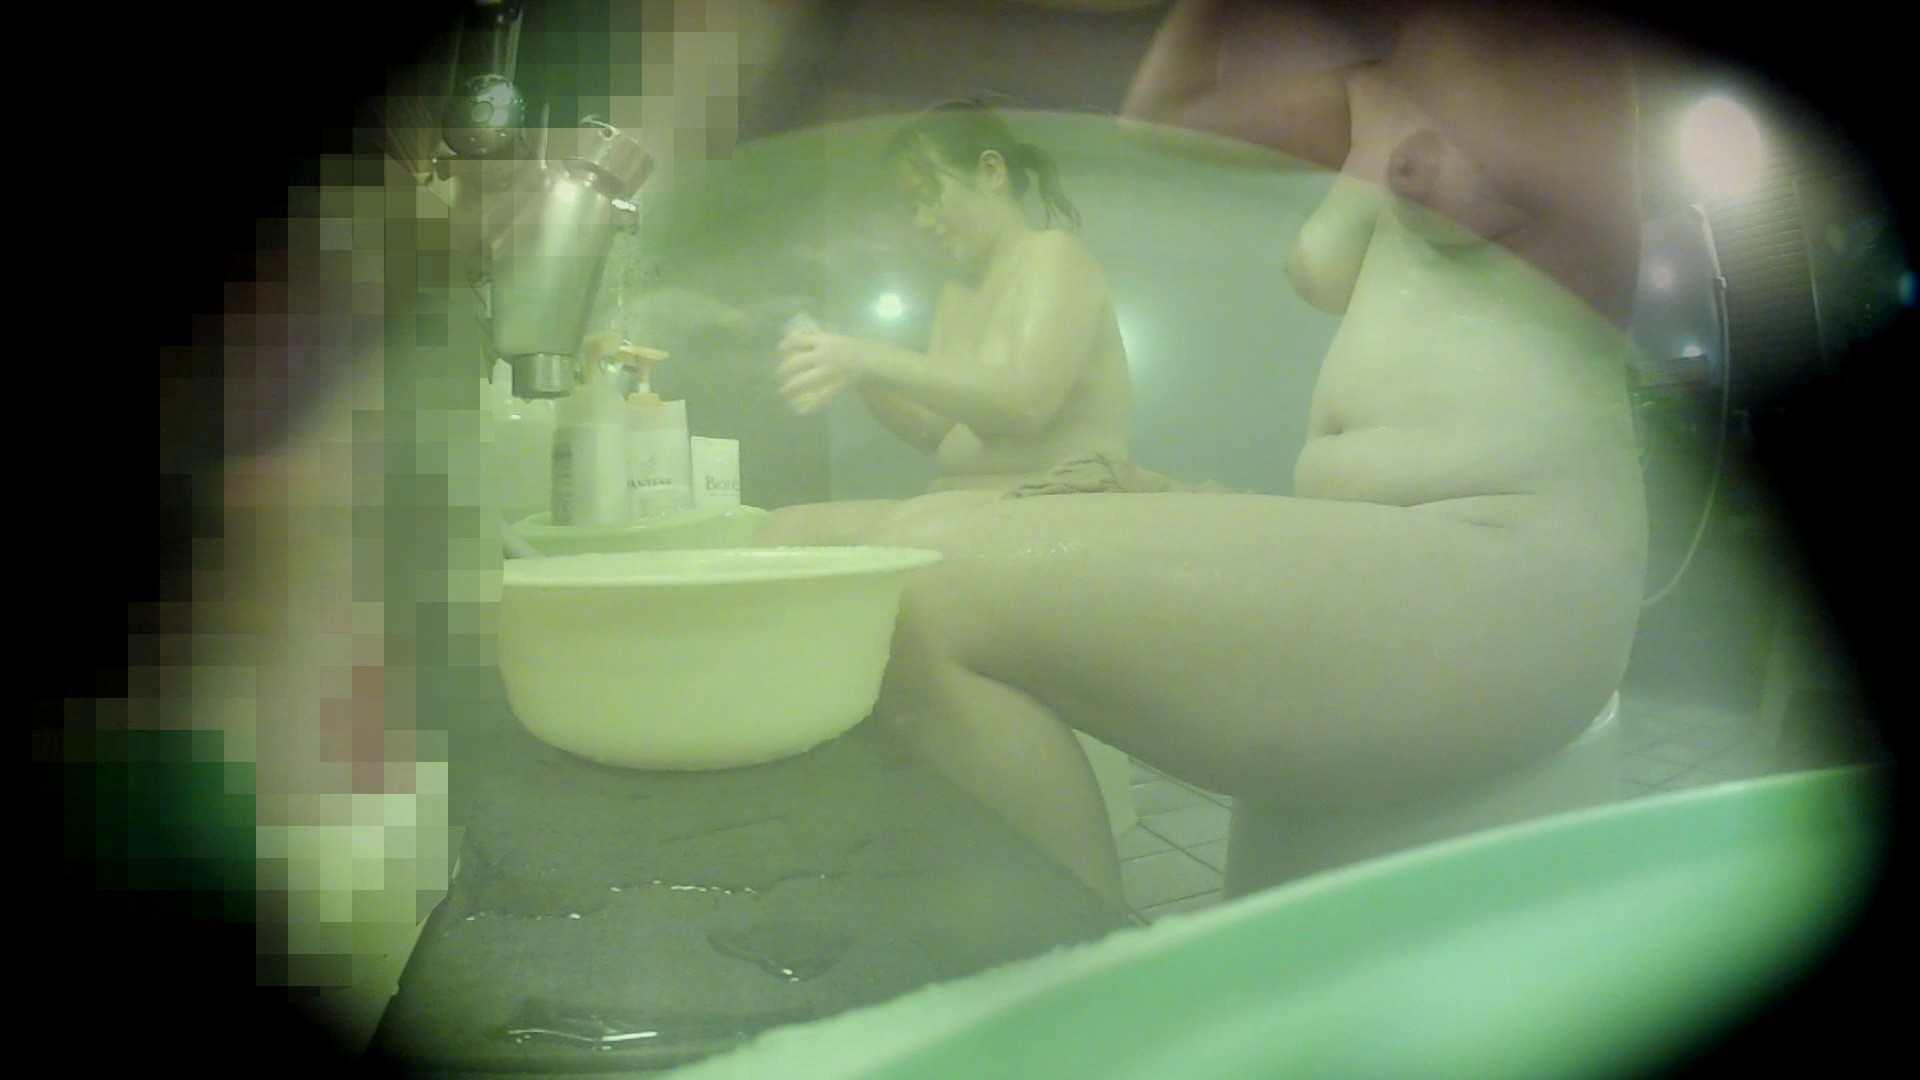 ハイビジョン 洗い場!豊満な乳が大地へと・・・乳輪の大きさは人それぞれ 銭湯特撮  91連発 38